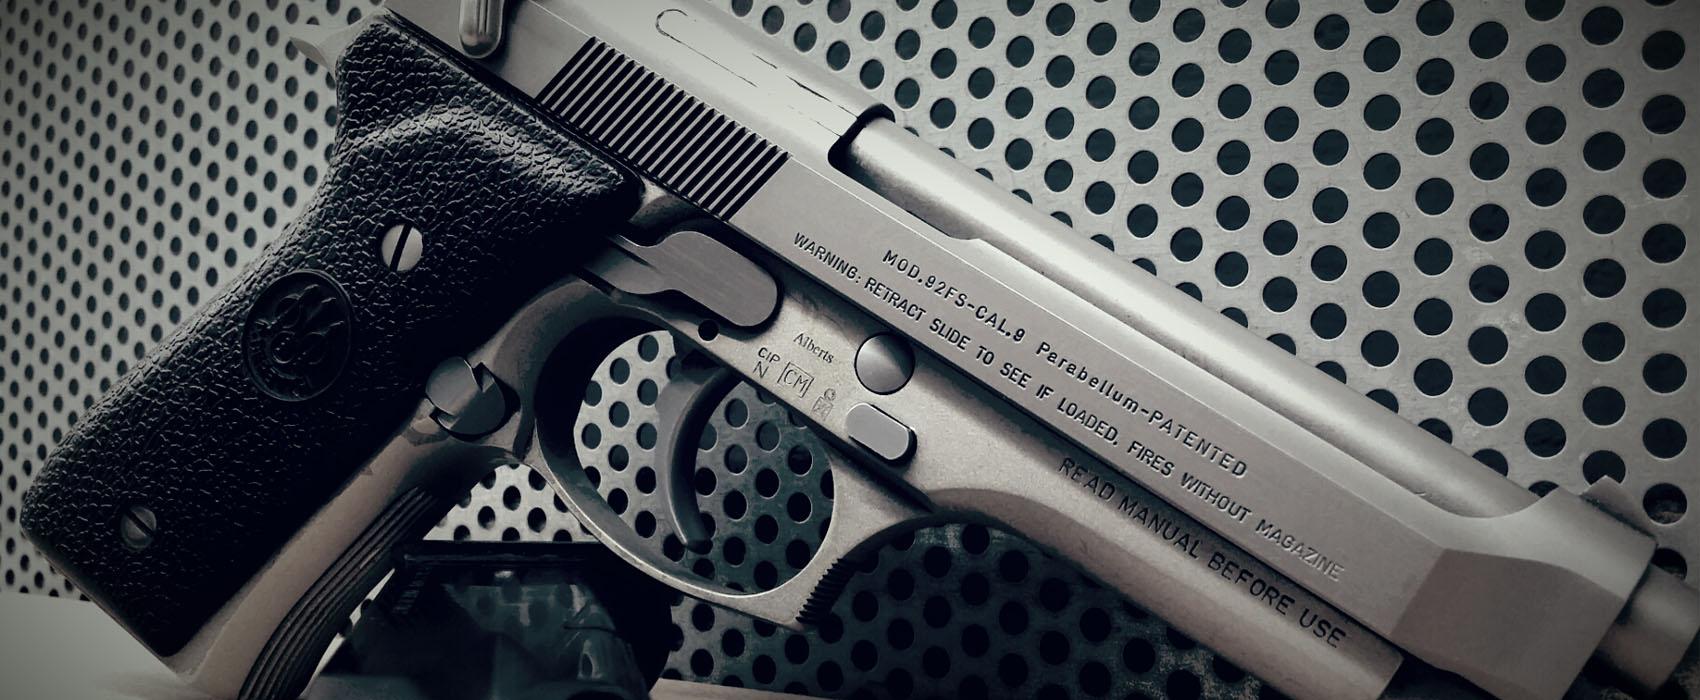 Pistole im Kaliber 9mm Para